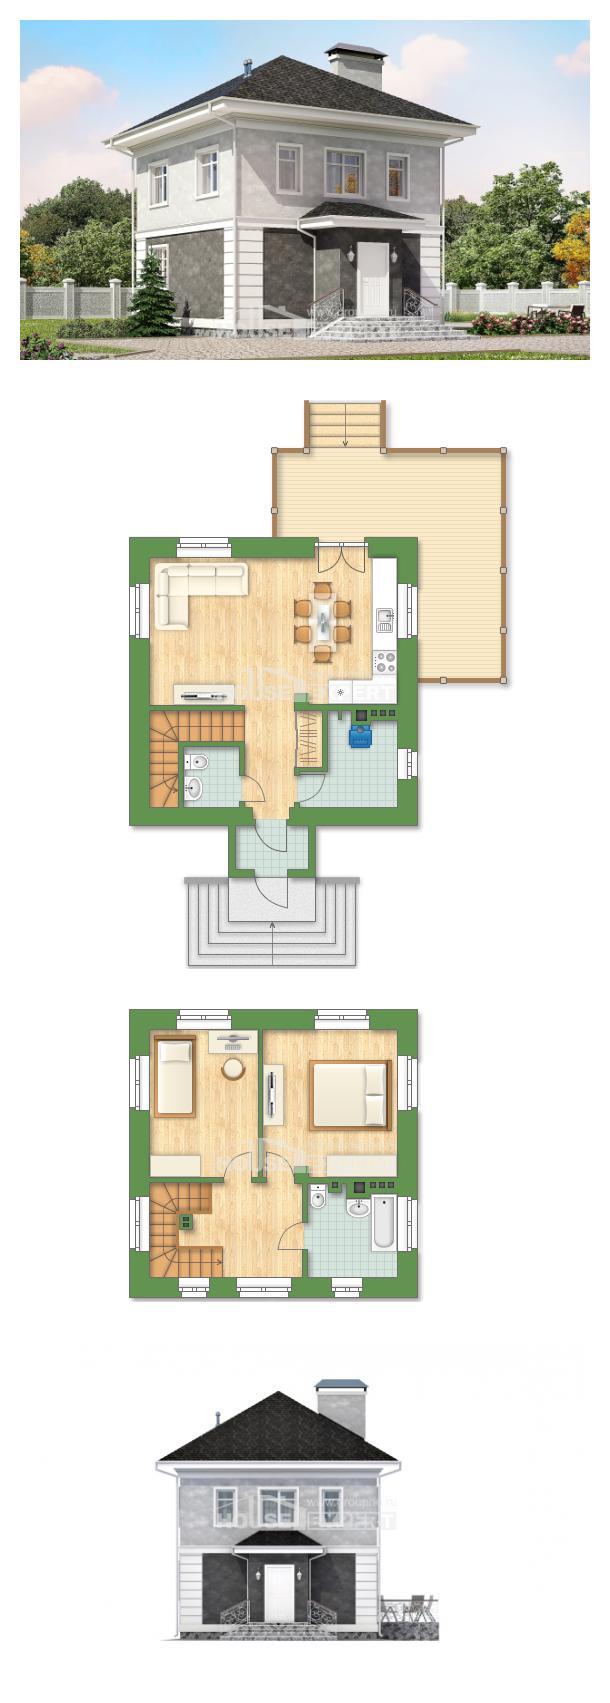 房子的设计 090-003-R | House Expert